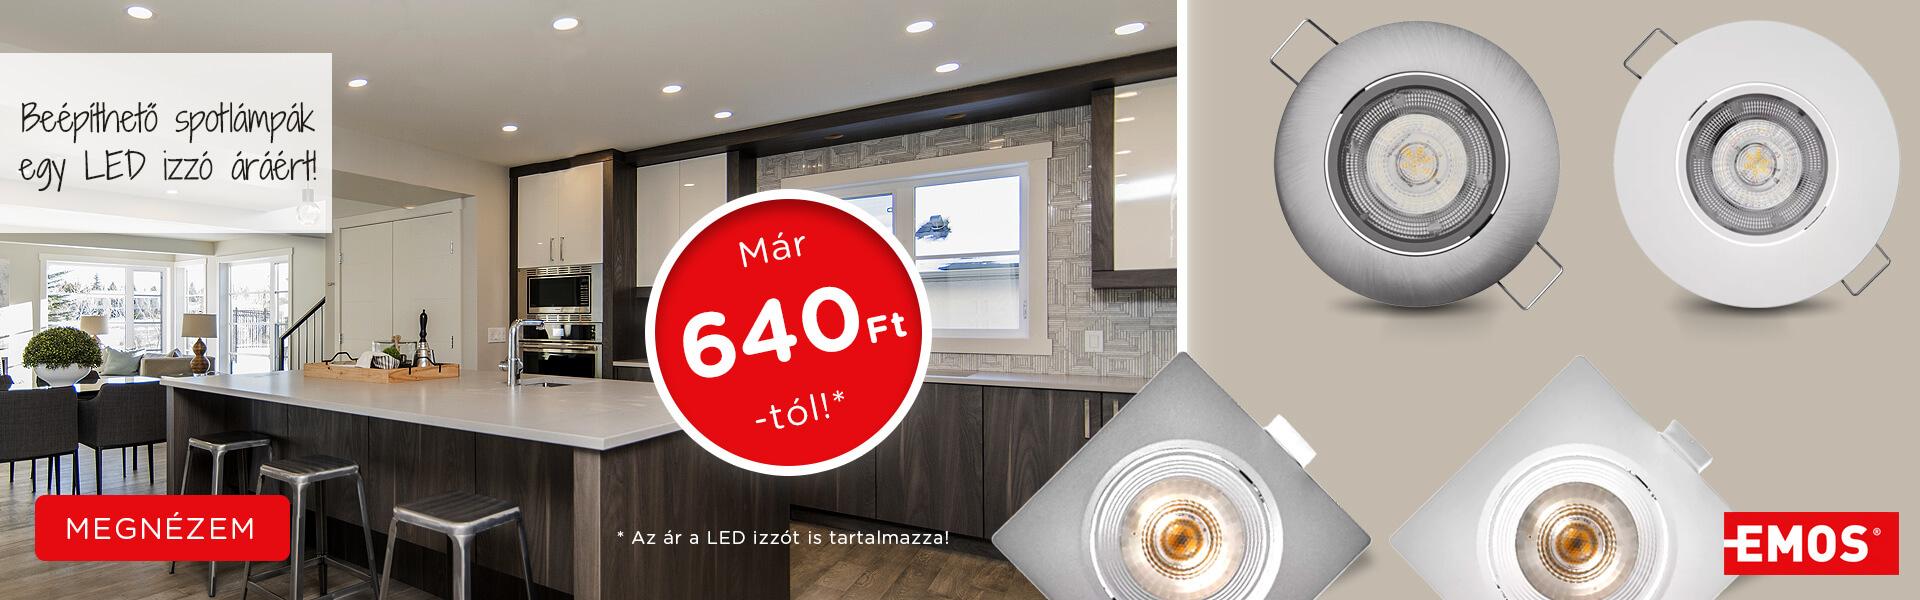 LED szalag tartozékok